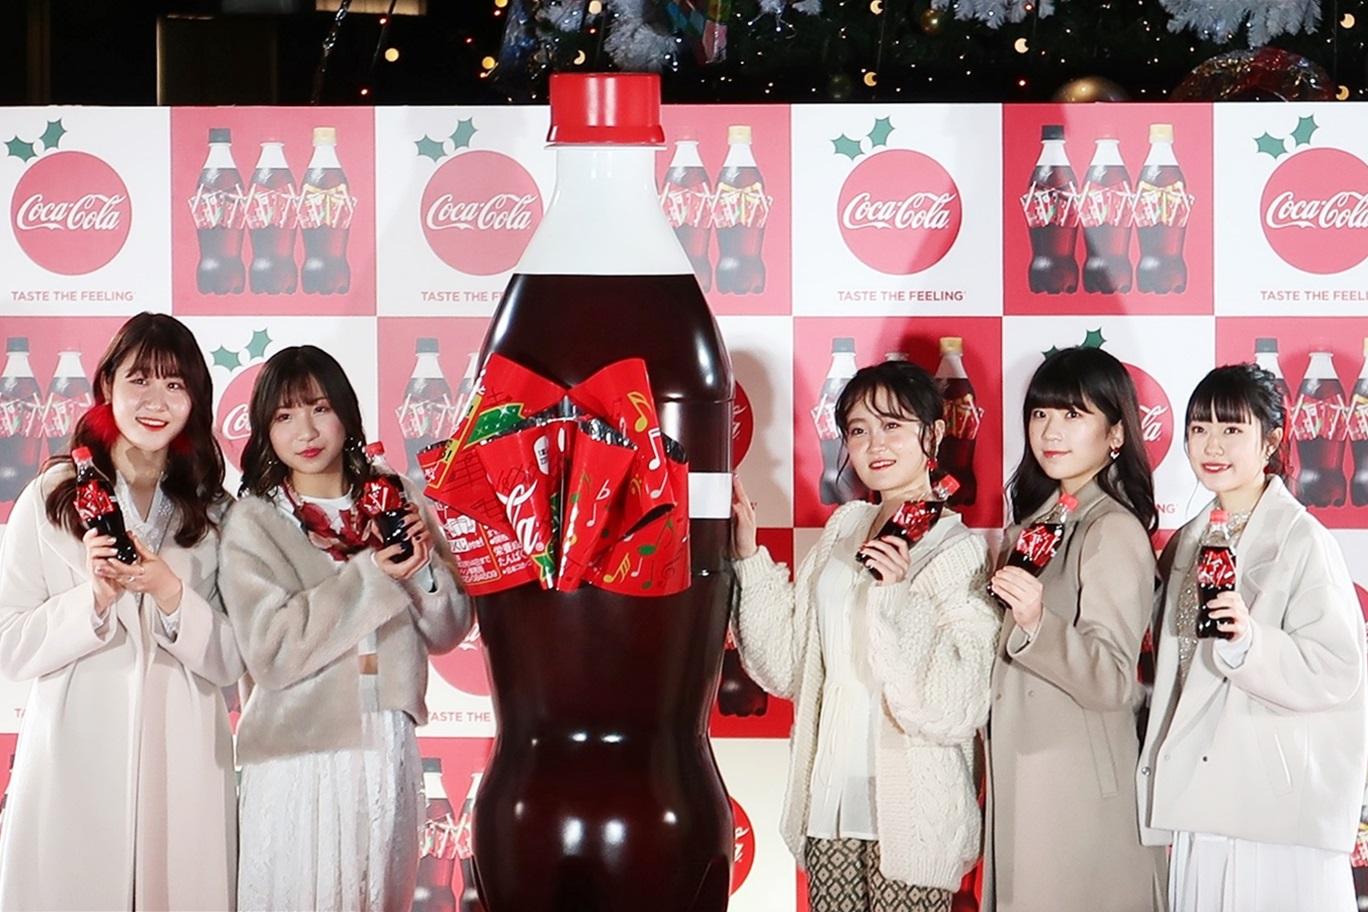 コカコーラ リボン ボトル 2019